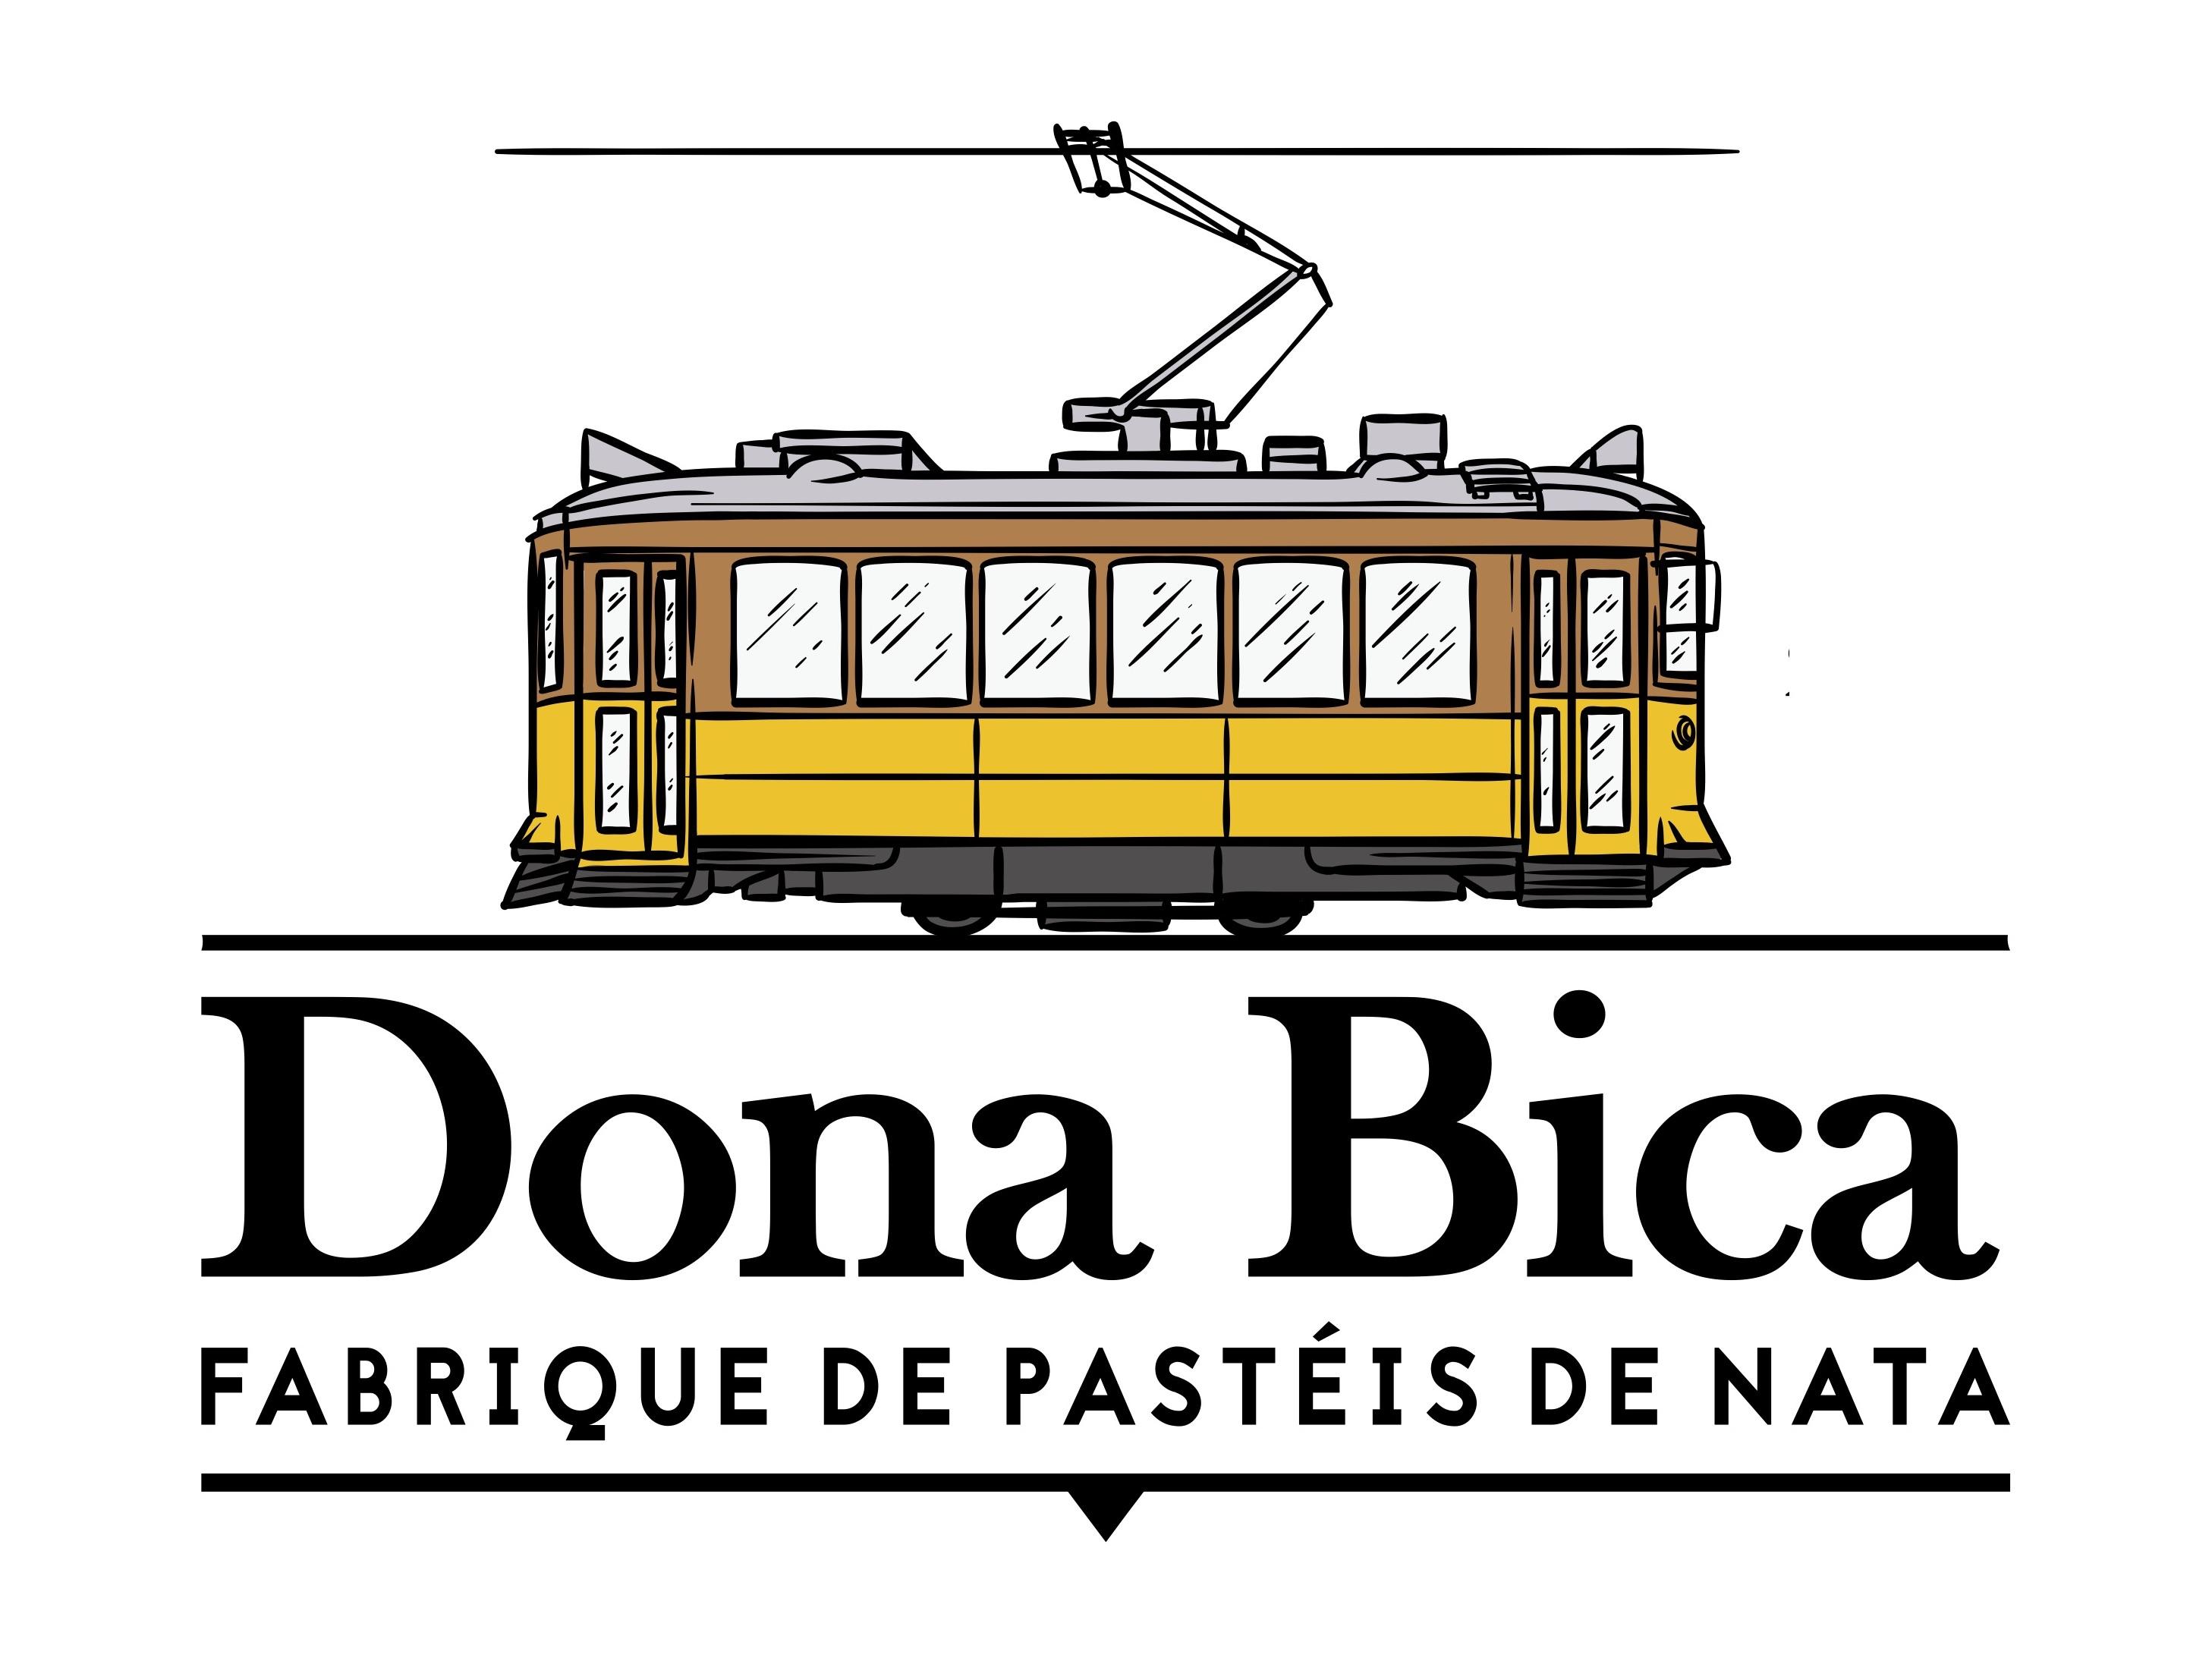 Dona Bica | Fabrique de Pastéis de Nata – Lille